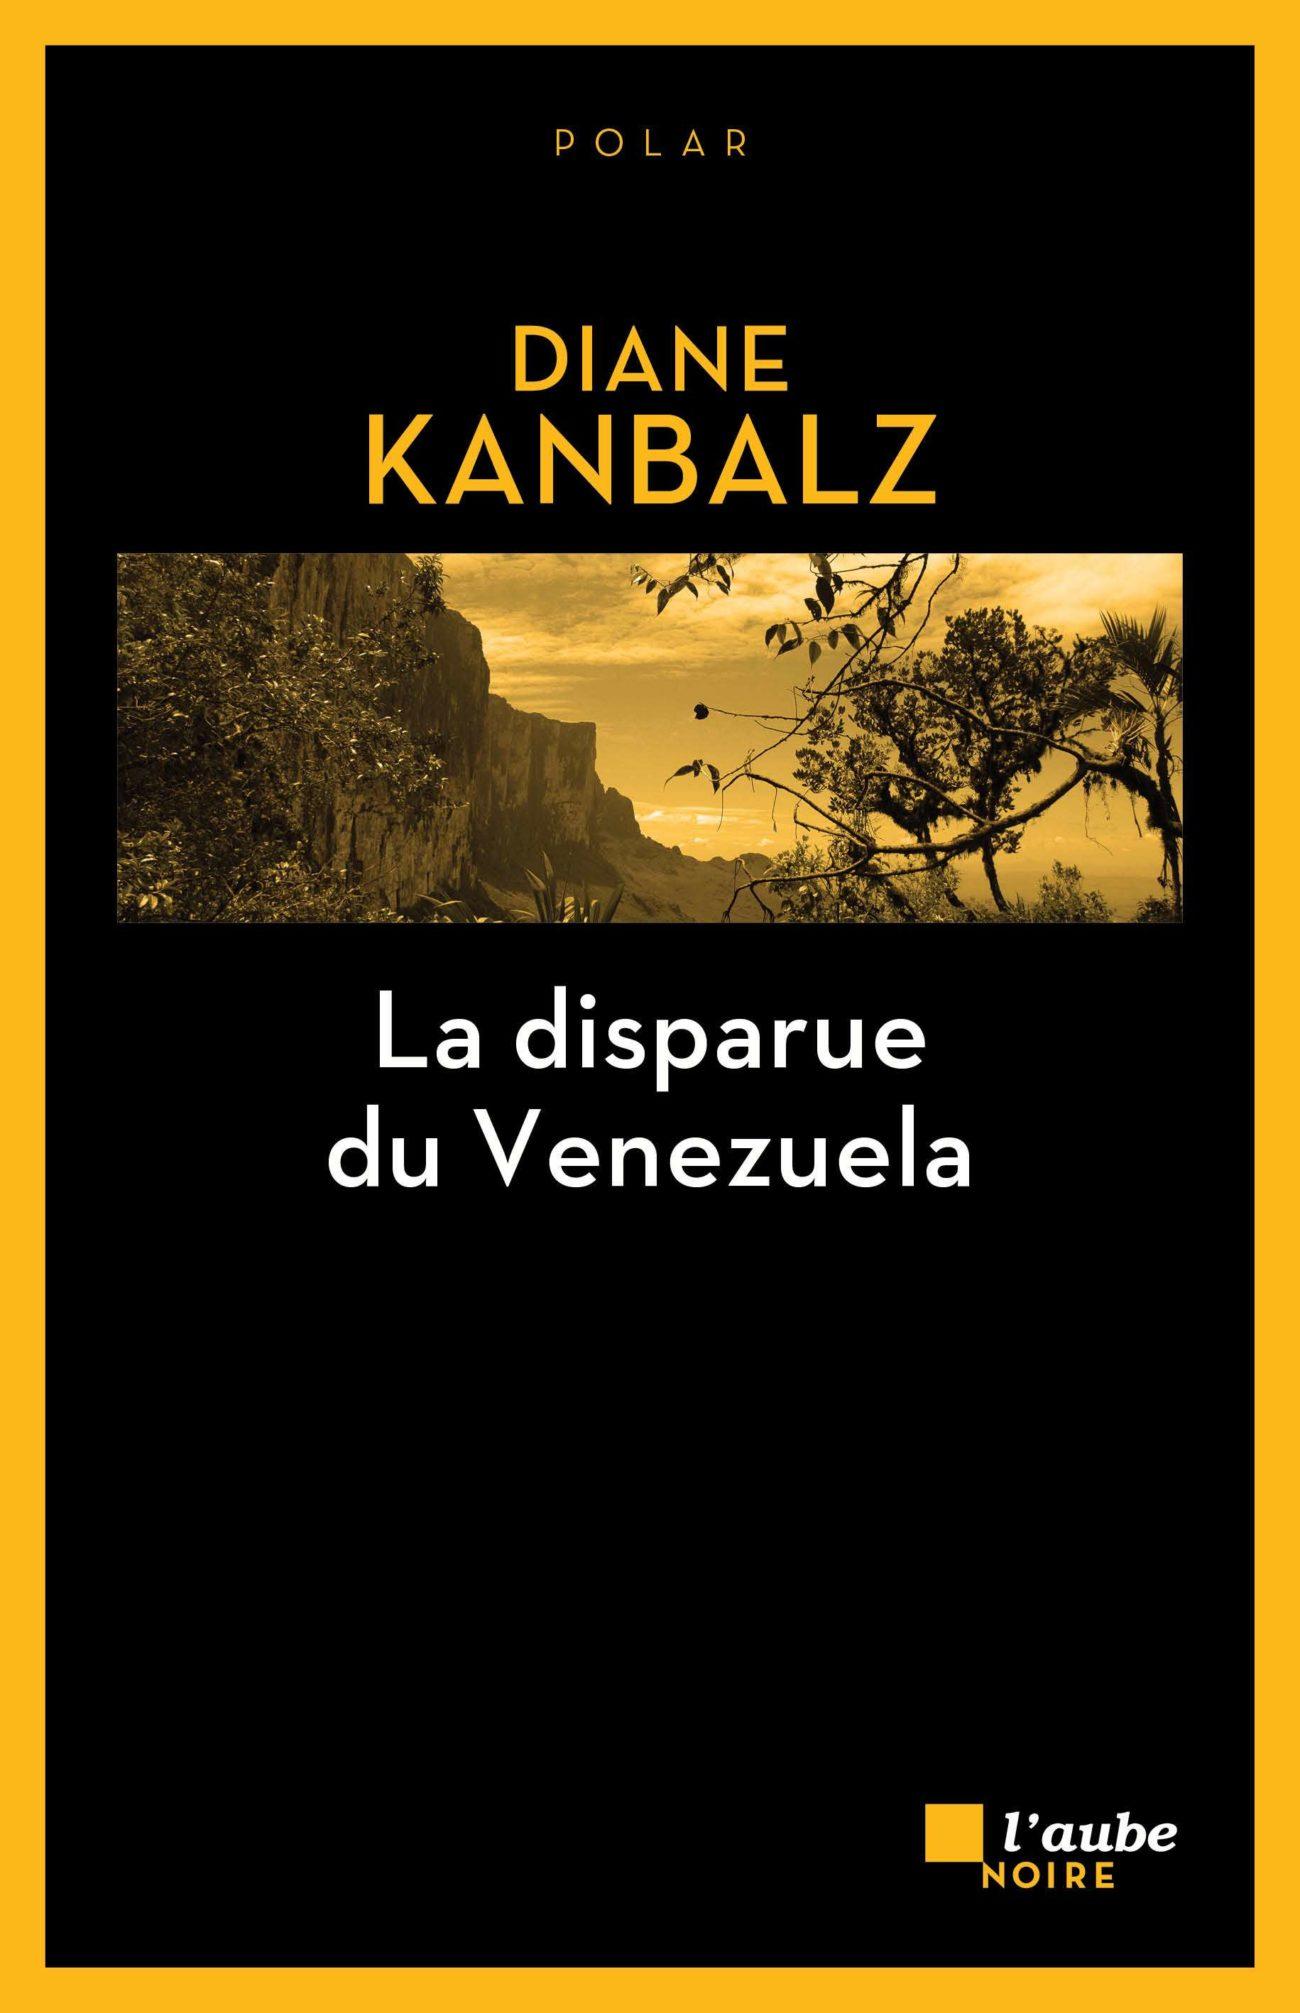 La disparue du Venezuela